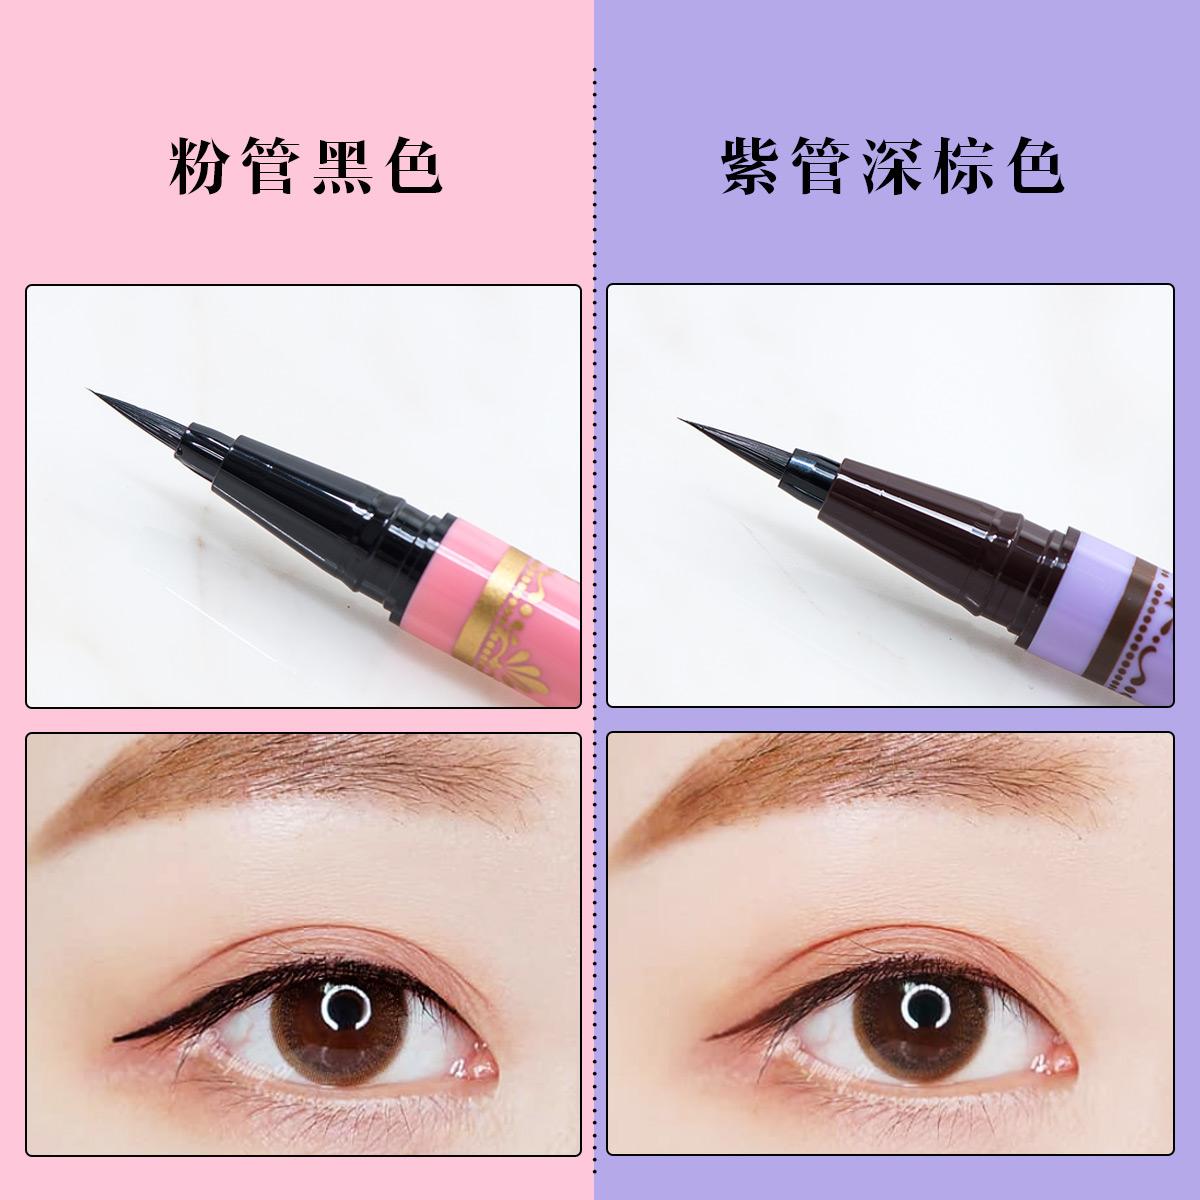 8464ea18875 Japan KOJI Kouji Dolly Wink durable waterproof not blooming eyeliner pen  fine eyeliner black brown · Zoom · lightbox moreview · lightbox moreview ...